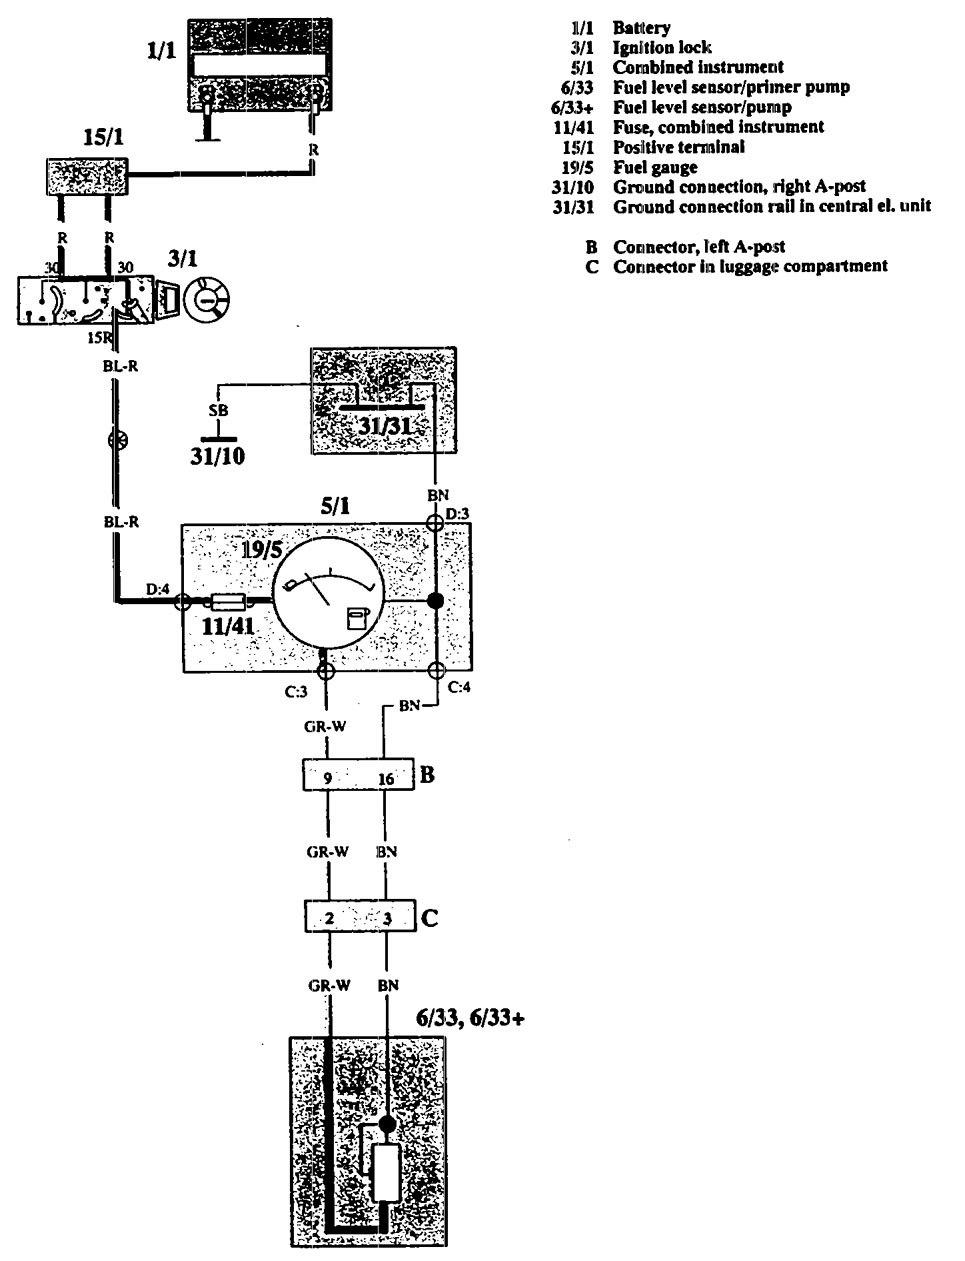 medium resolution of volvo 740 1992 wiring diagrams fuel warning acura rsx fuse diagram 1990 acura integra fuse box